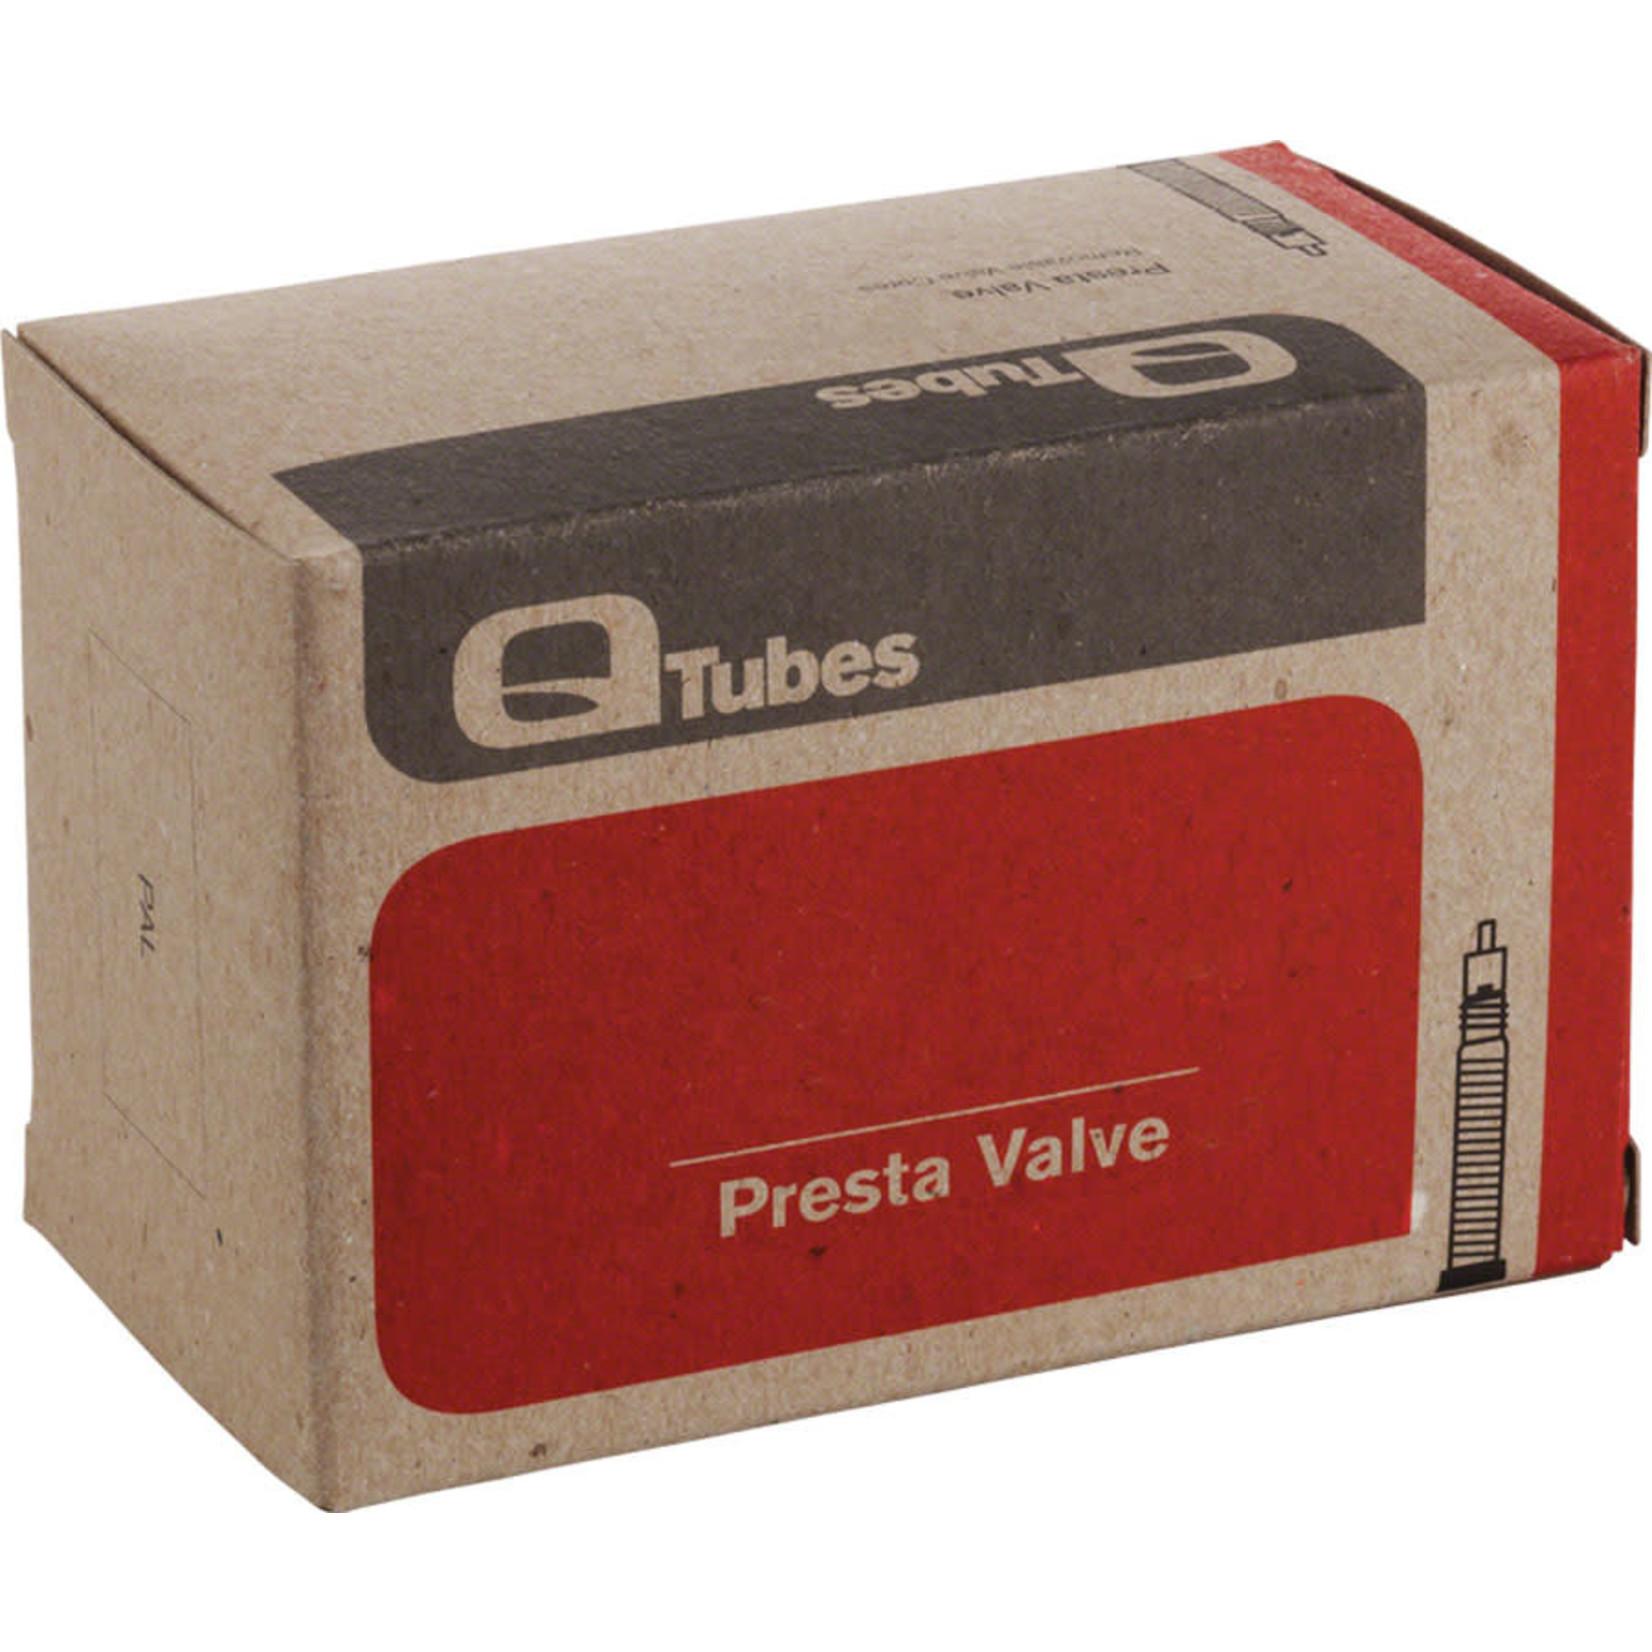 """Q-Tubes Q-Tubes 29"""" x 1.9-2.3"""" 32mm Presta Valve Tube 220g"""